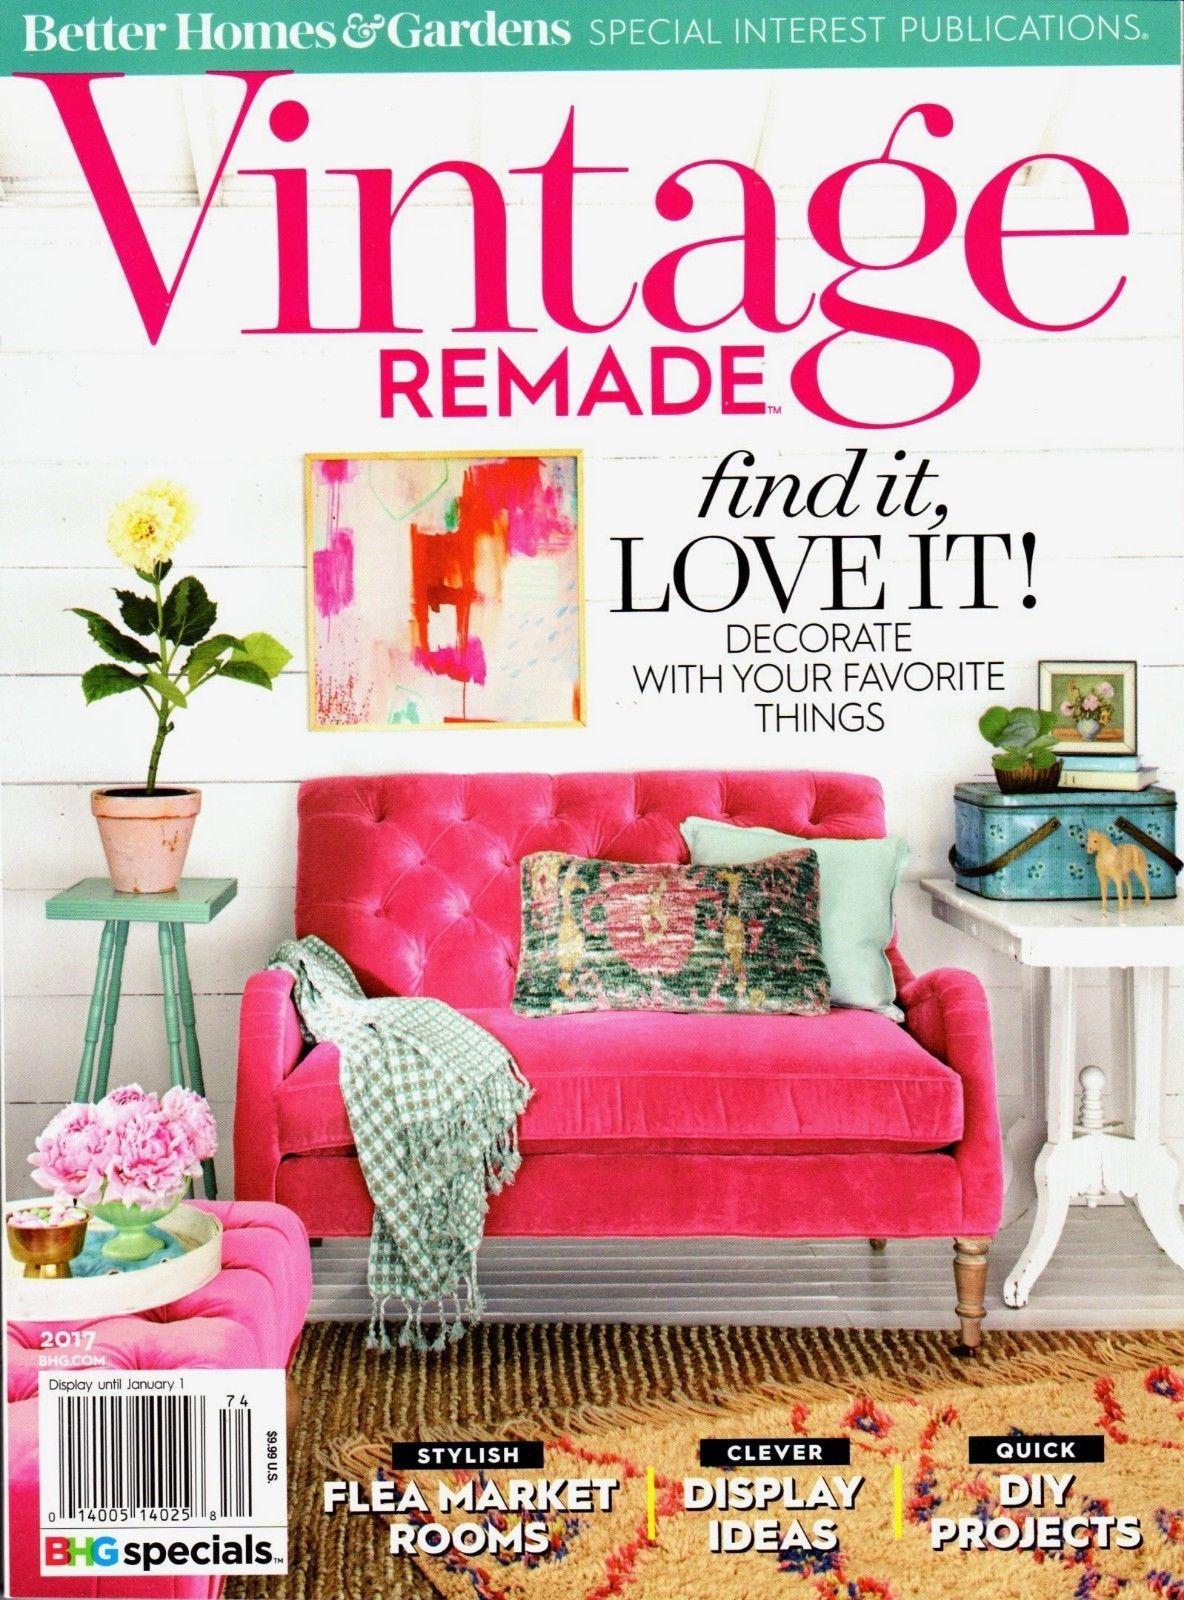 eef3138b21374e5d86ec5e1ea5d909c6 - Better Homes And Gardens Flea Market Style Magazine